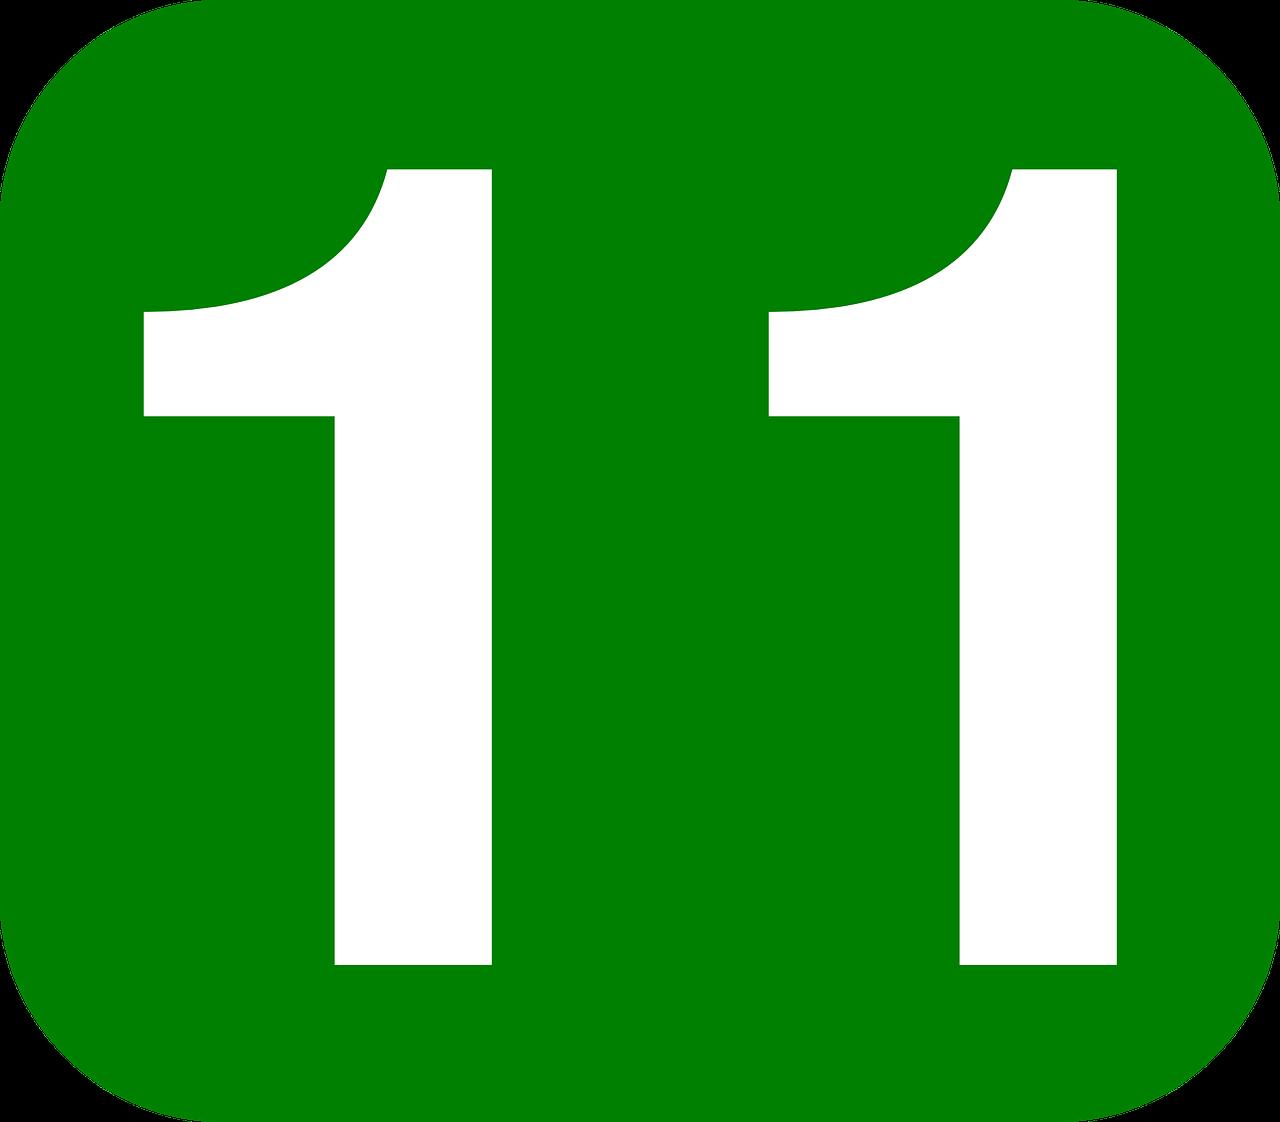 Операционная система iPhone и iPad анонсированная в июне 2017 года Официальный релиз состоялся